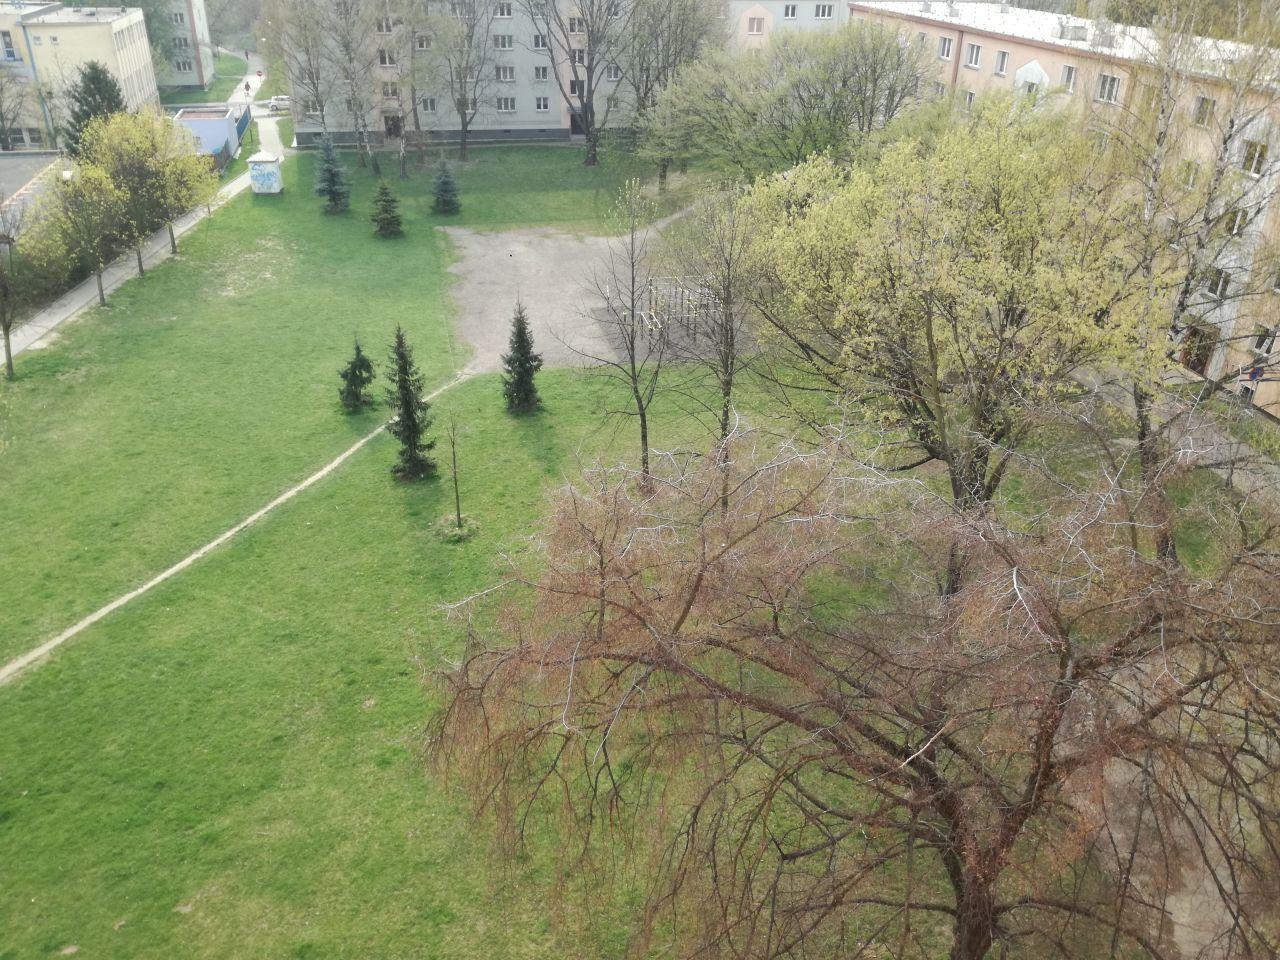 Pronájem bytu 1+1 36 m2, ul. Výškovická 2587/99, Ostrava - Zábřeh